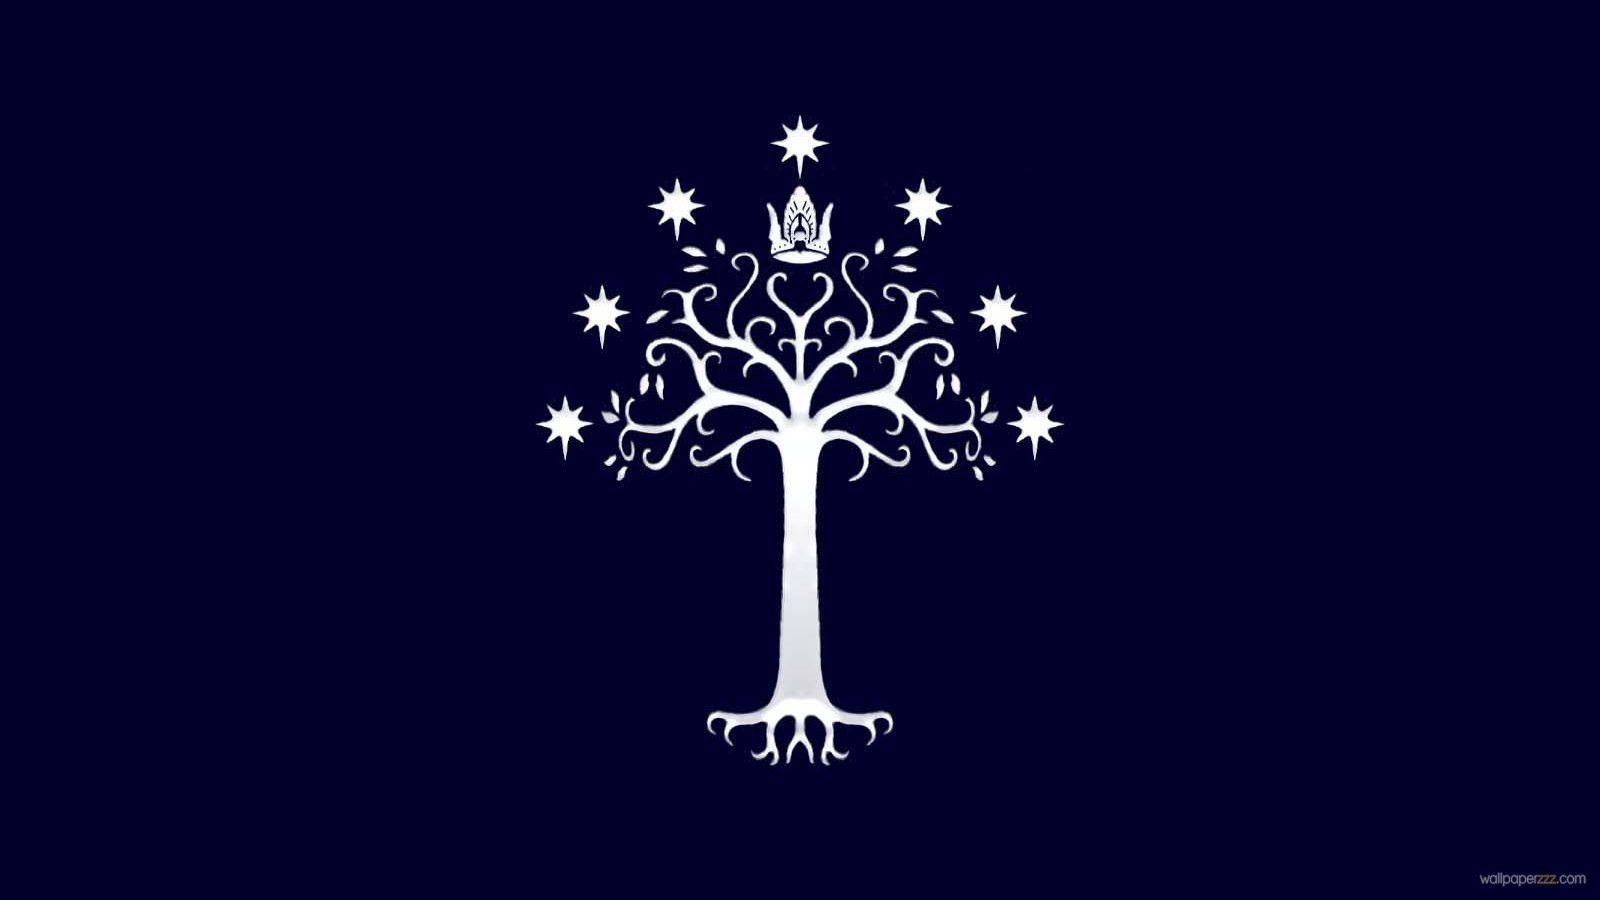 {title} (mit Bildern) Herr der ringe tattoo, Baum von